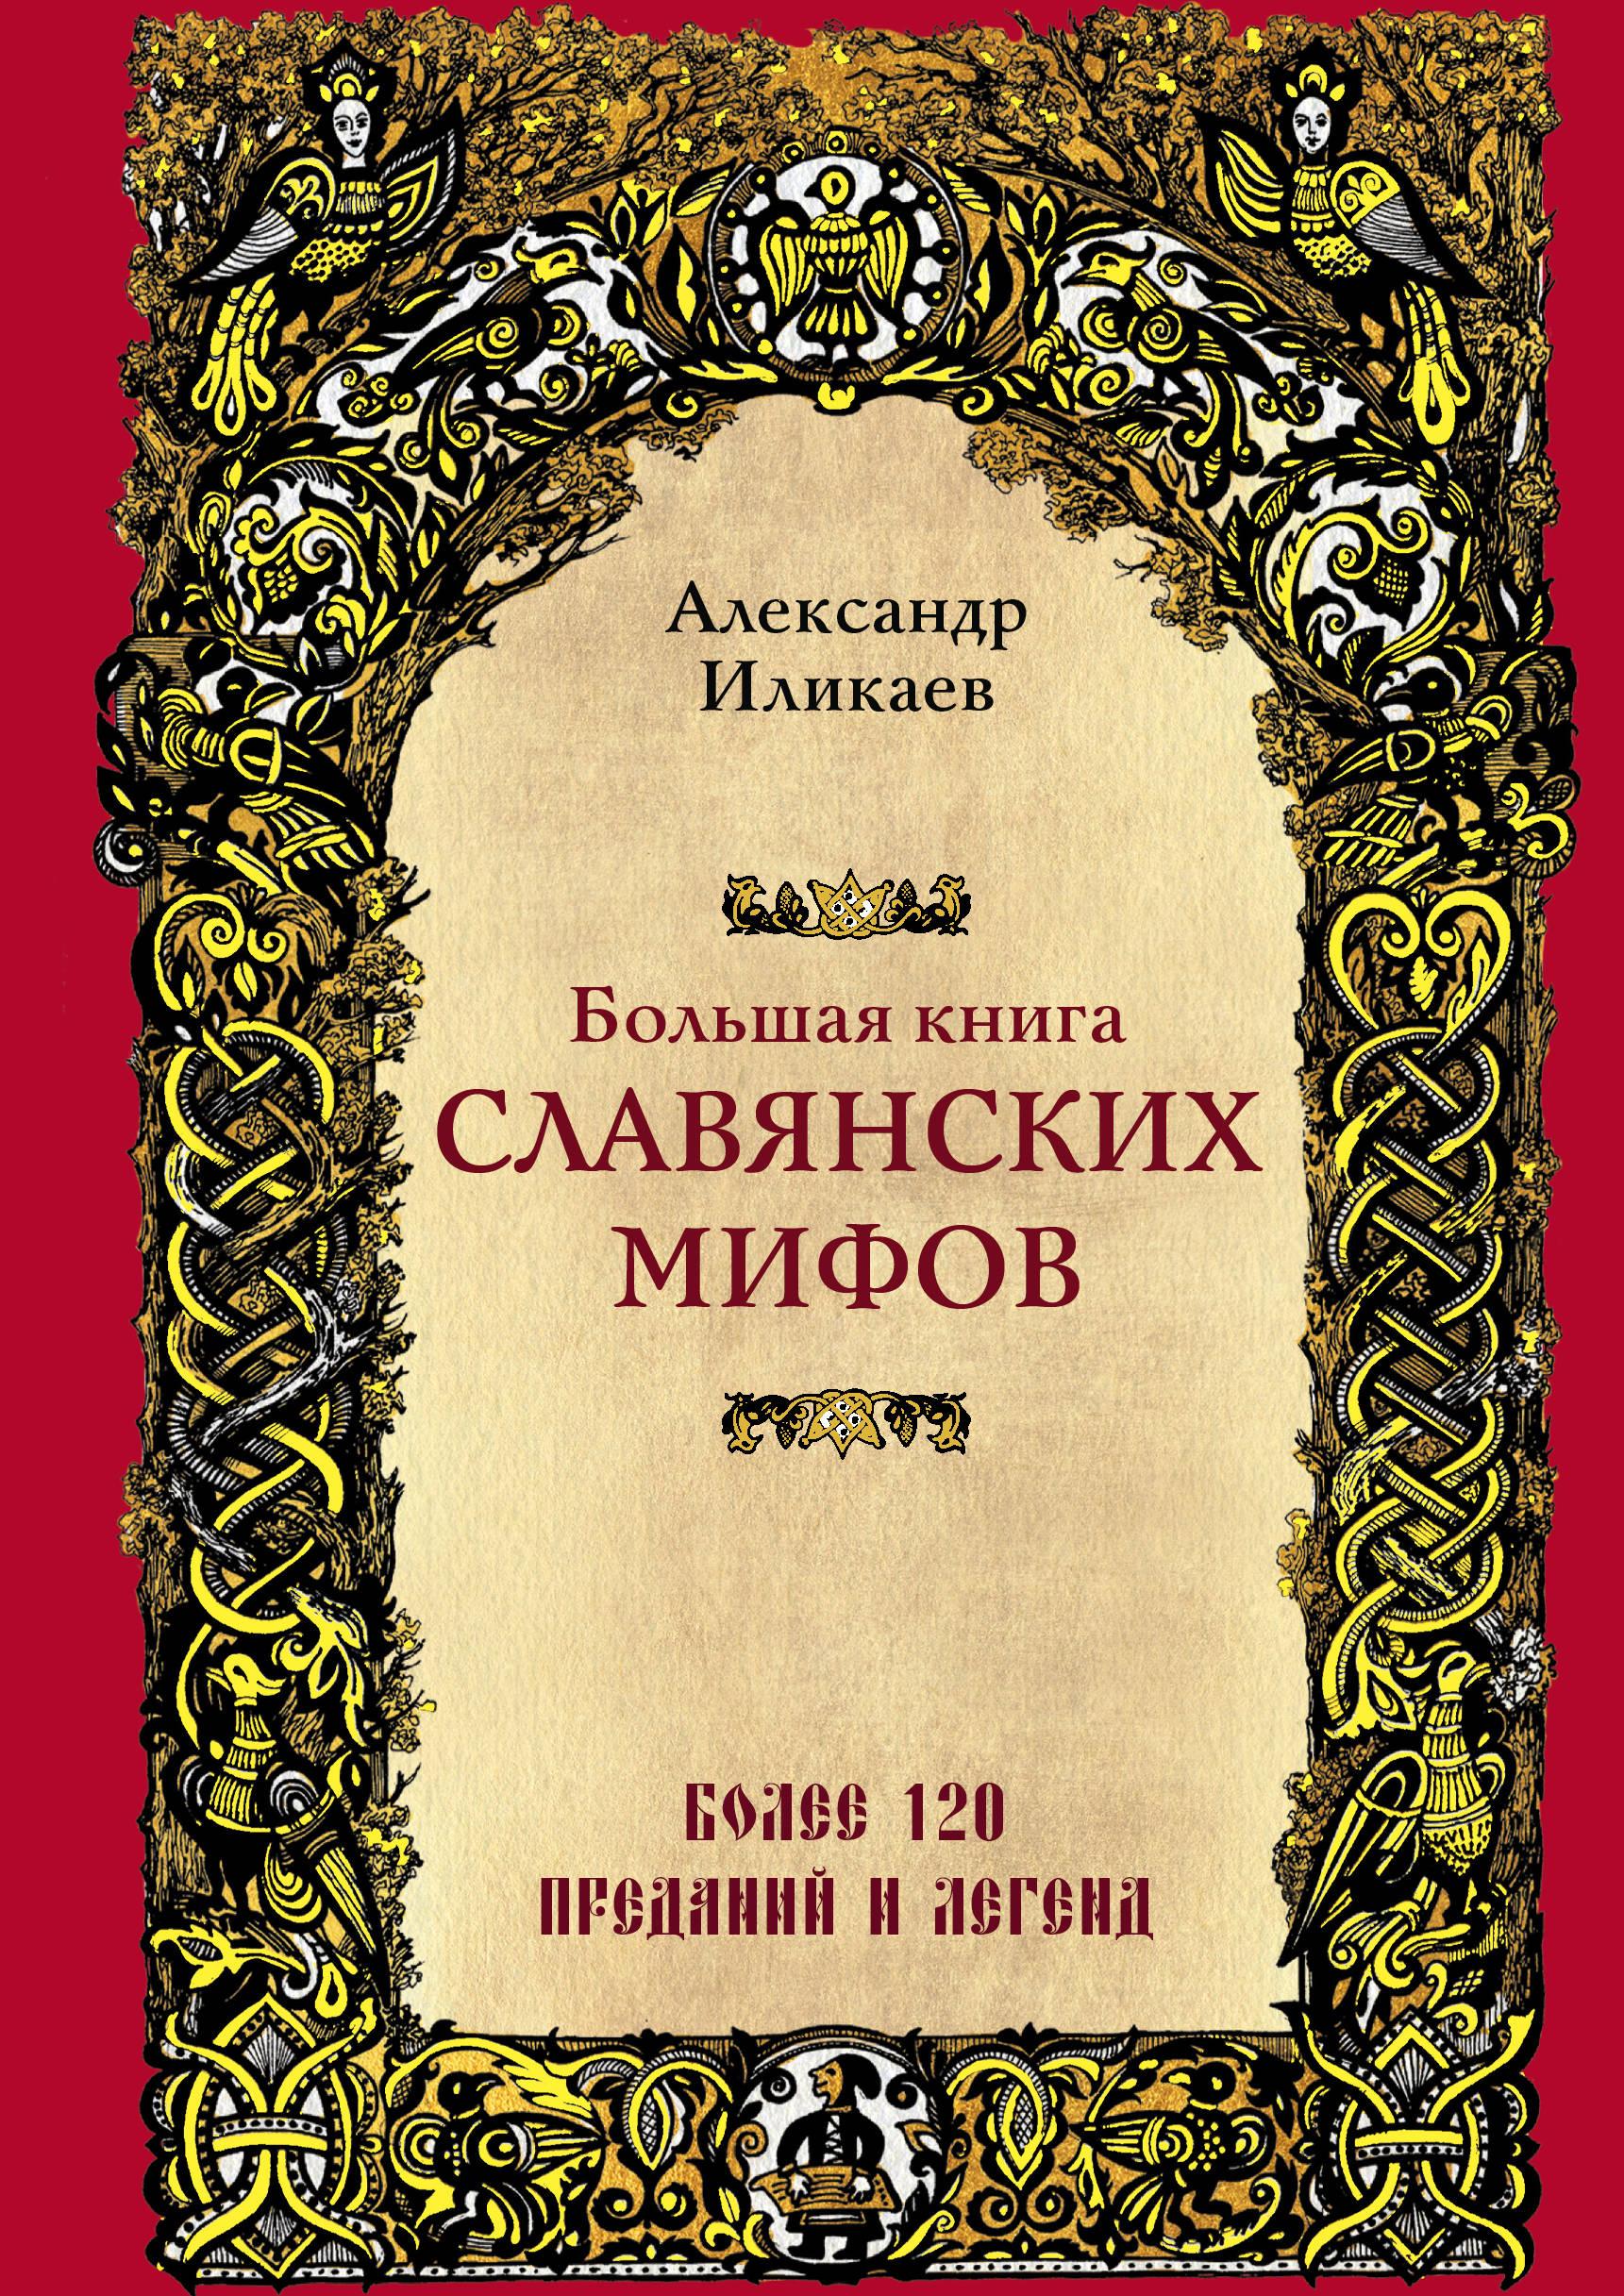 Bolshaja kniga slavjanskikh mifov